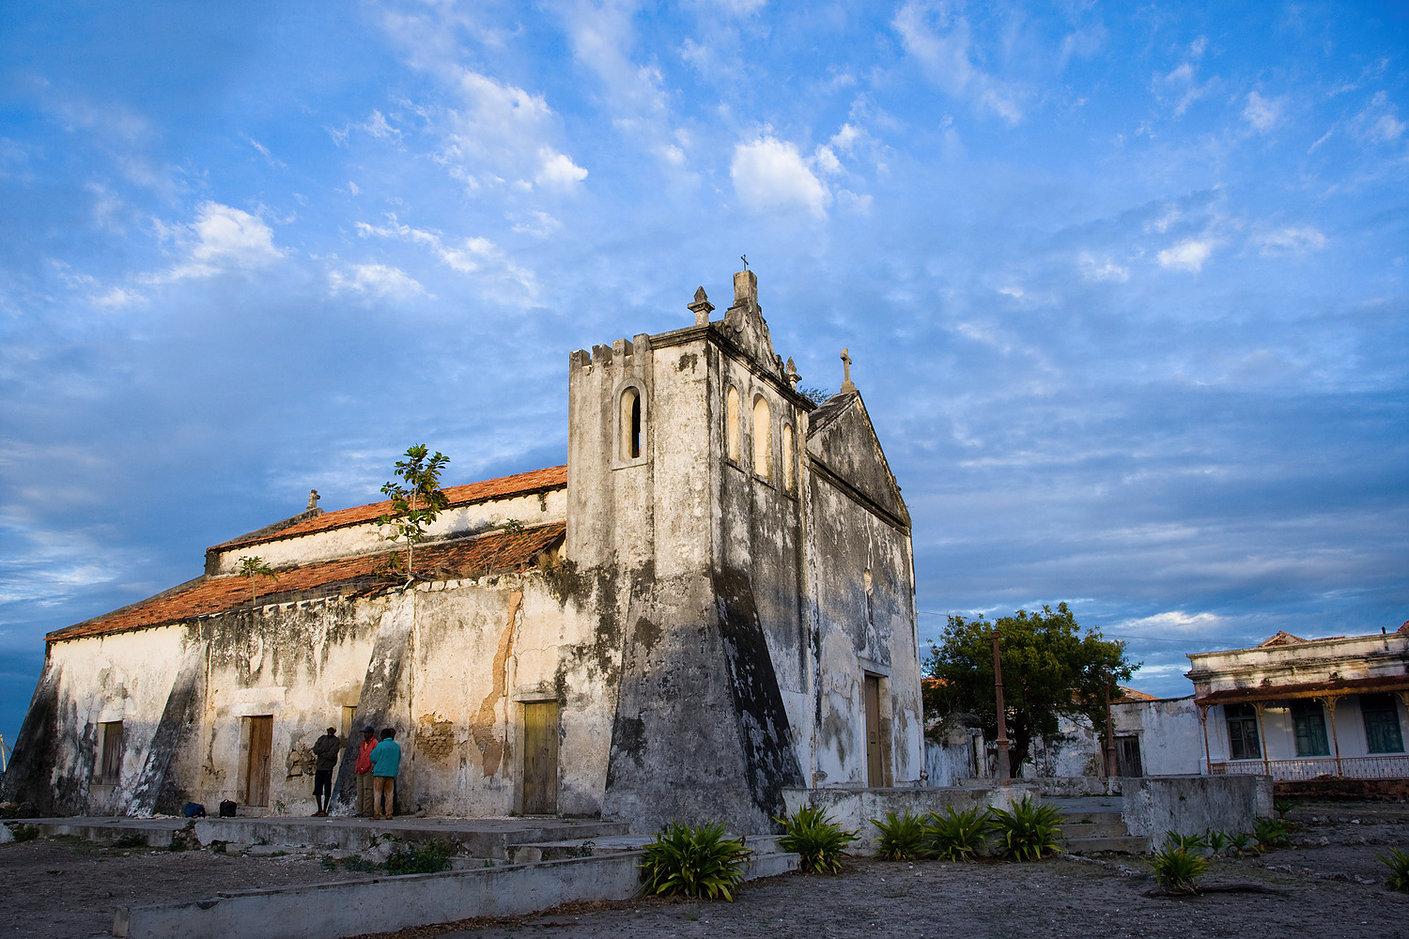 Ibo Island Church